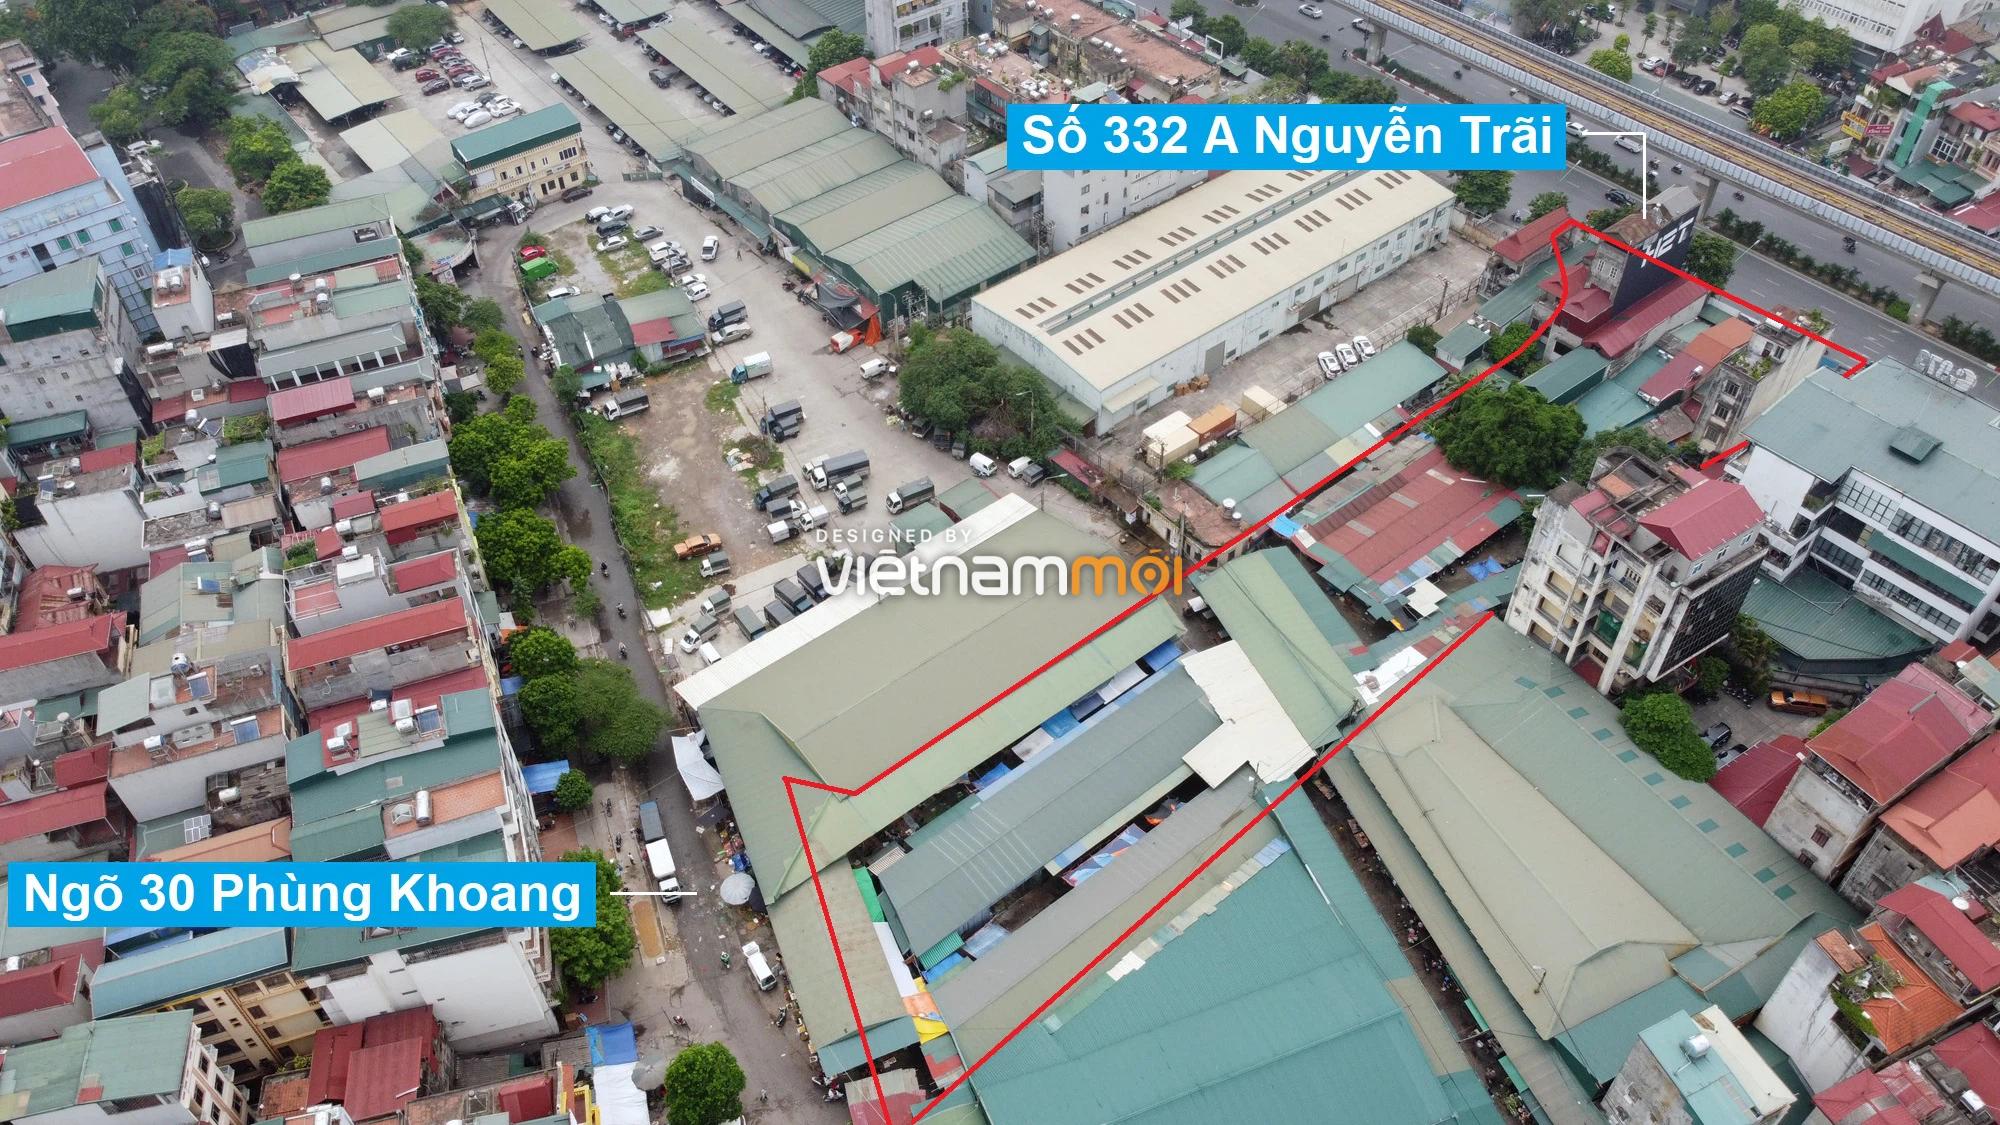 Những khu đất sắp thu hồi để mở đường ở phường Trung Văn, Nam Từ Liêm, Hà Nội (phần 2) - Ảnh 17.